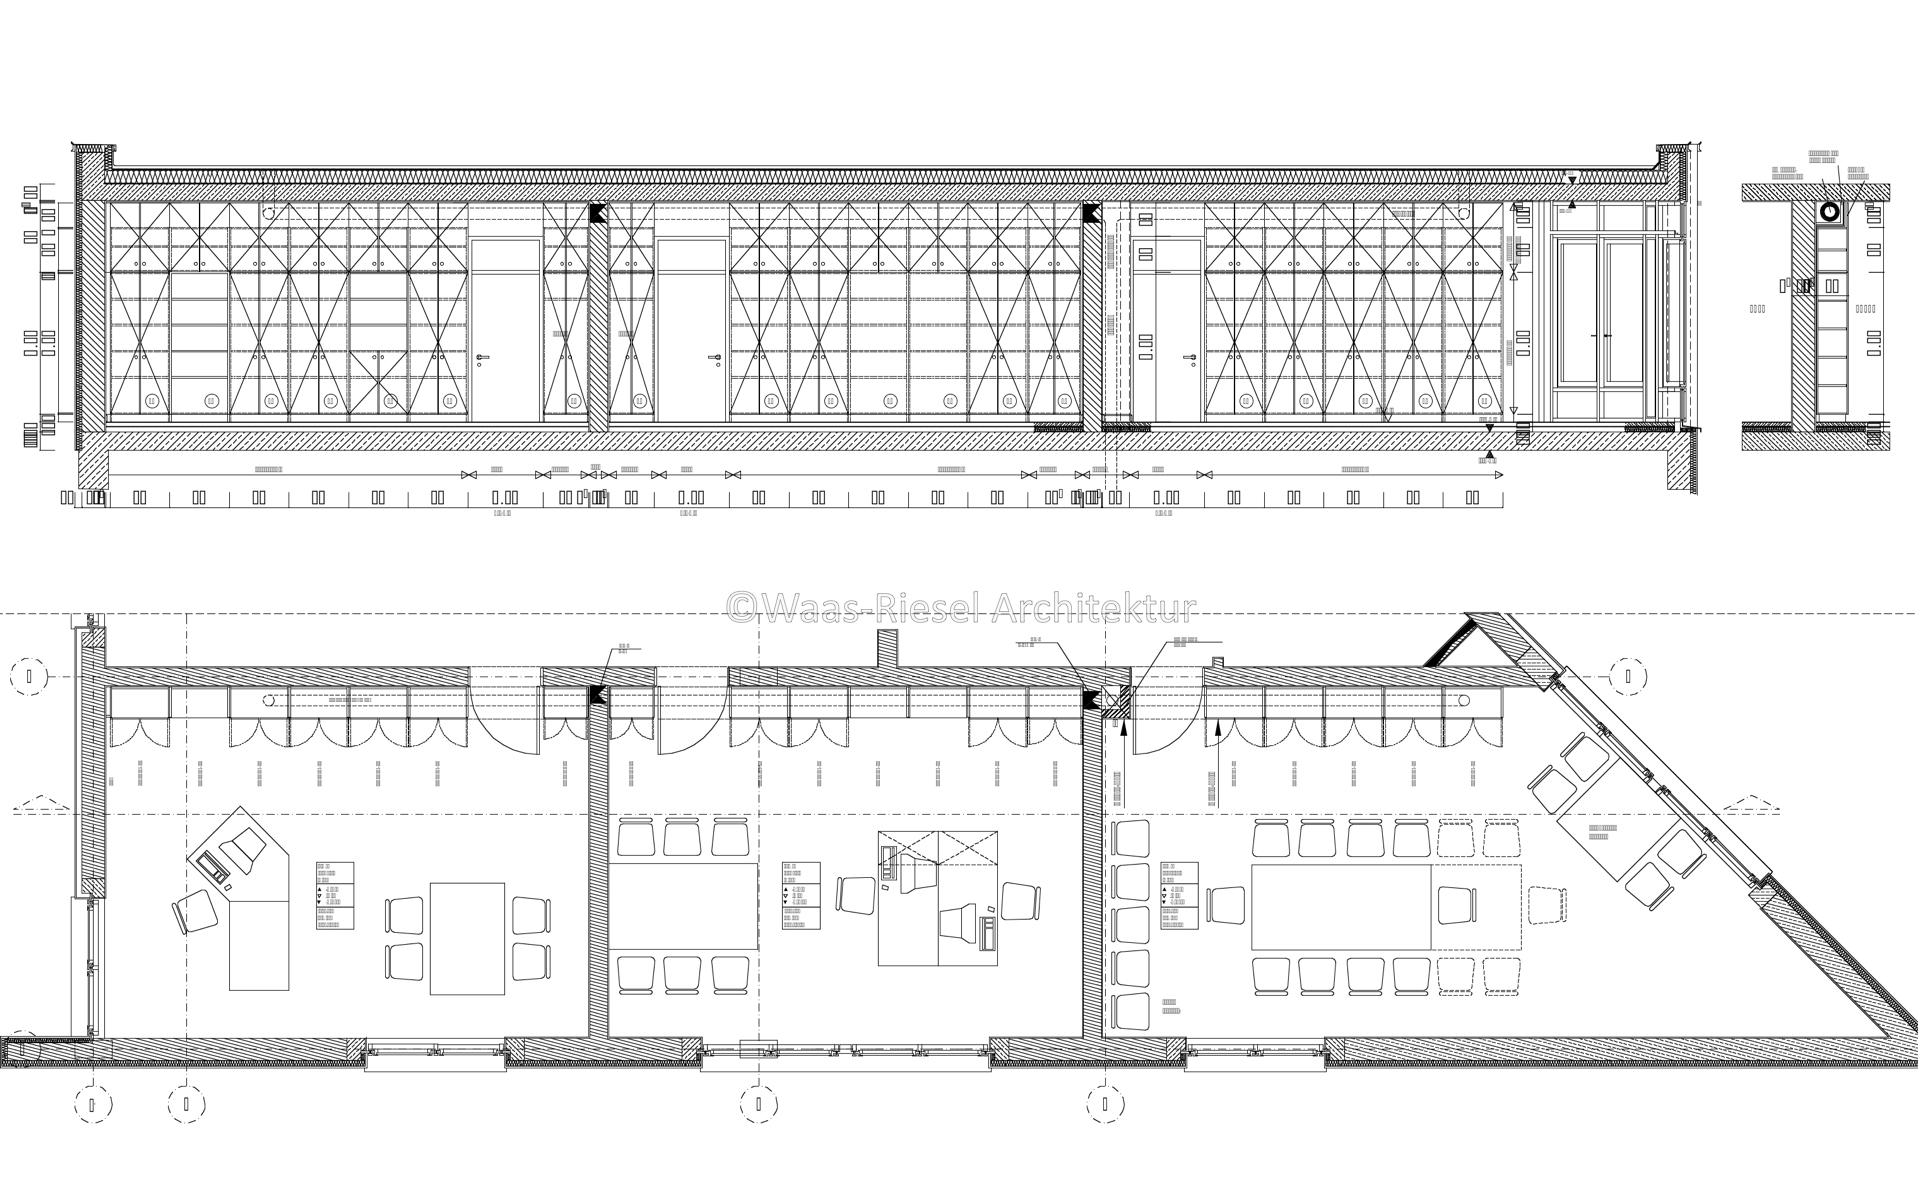 Planung Verwaltungsgebäudes: Schränke